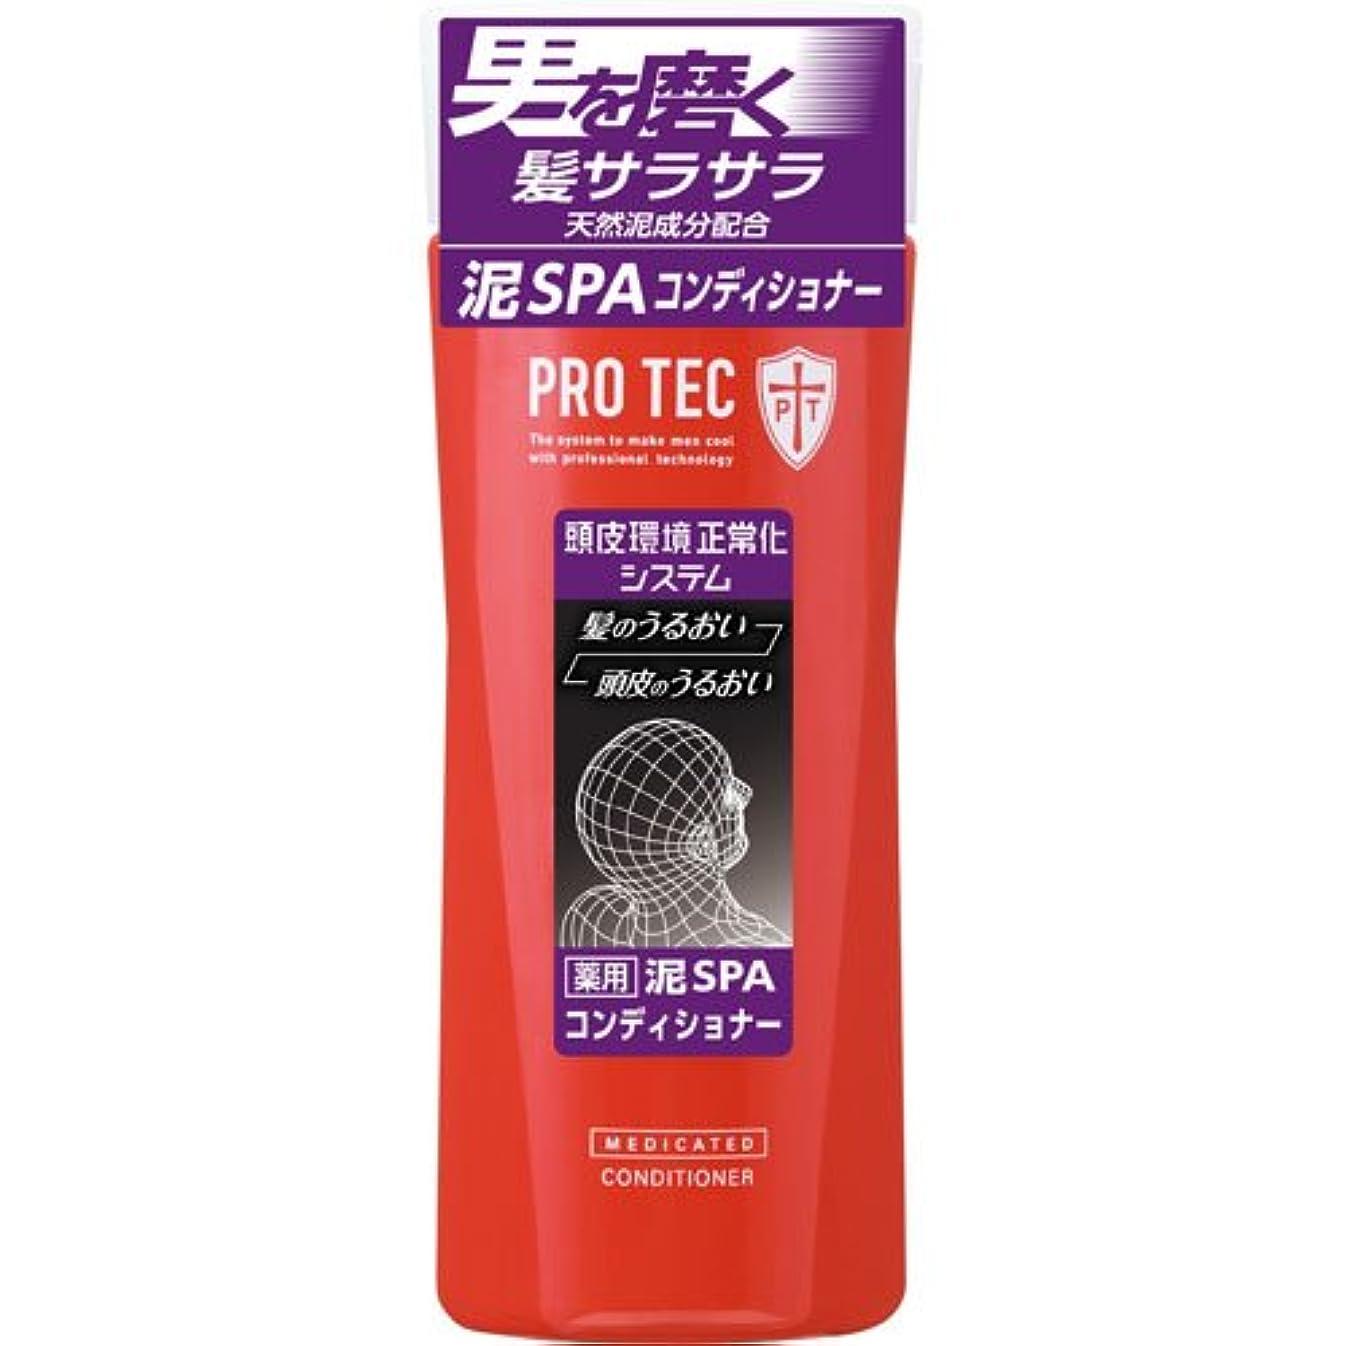 定期的傾いた柔らかさPRO TEC 泥SPAコンディショナー 180ml